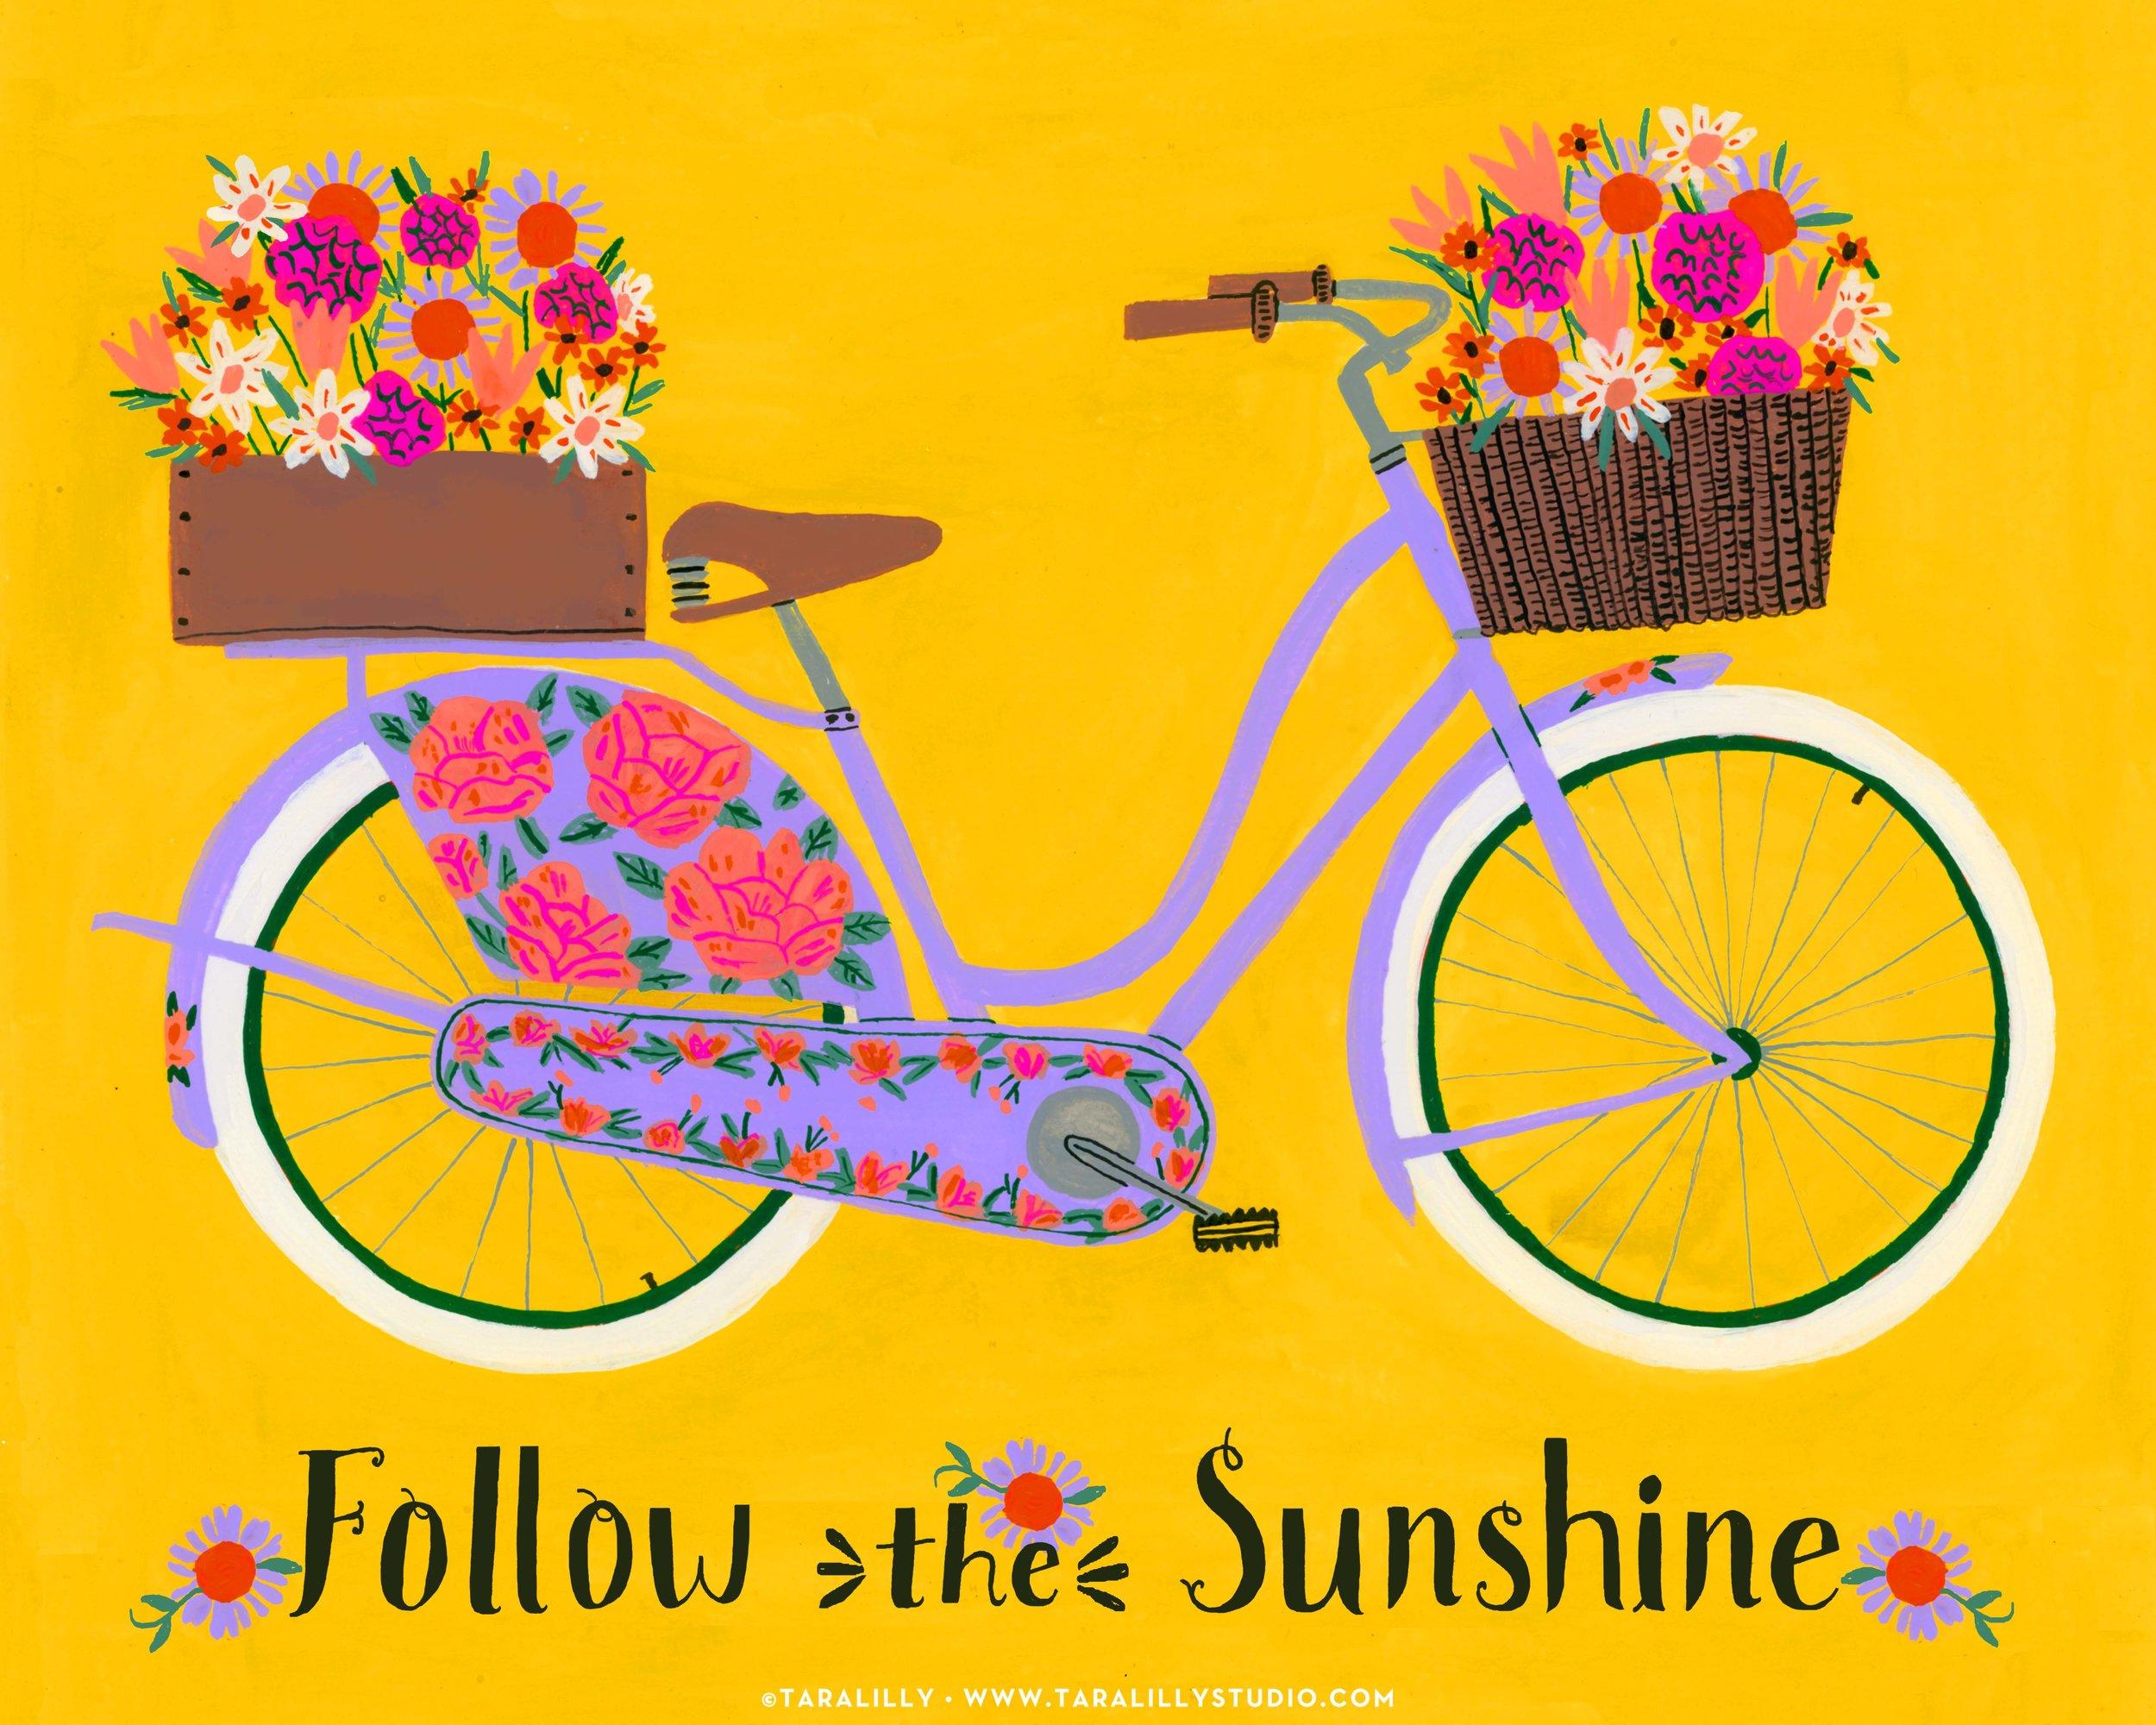 Tara_PP_sunshine_Bike.jpg